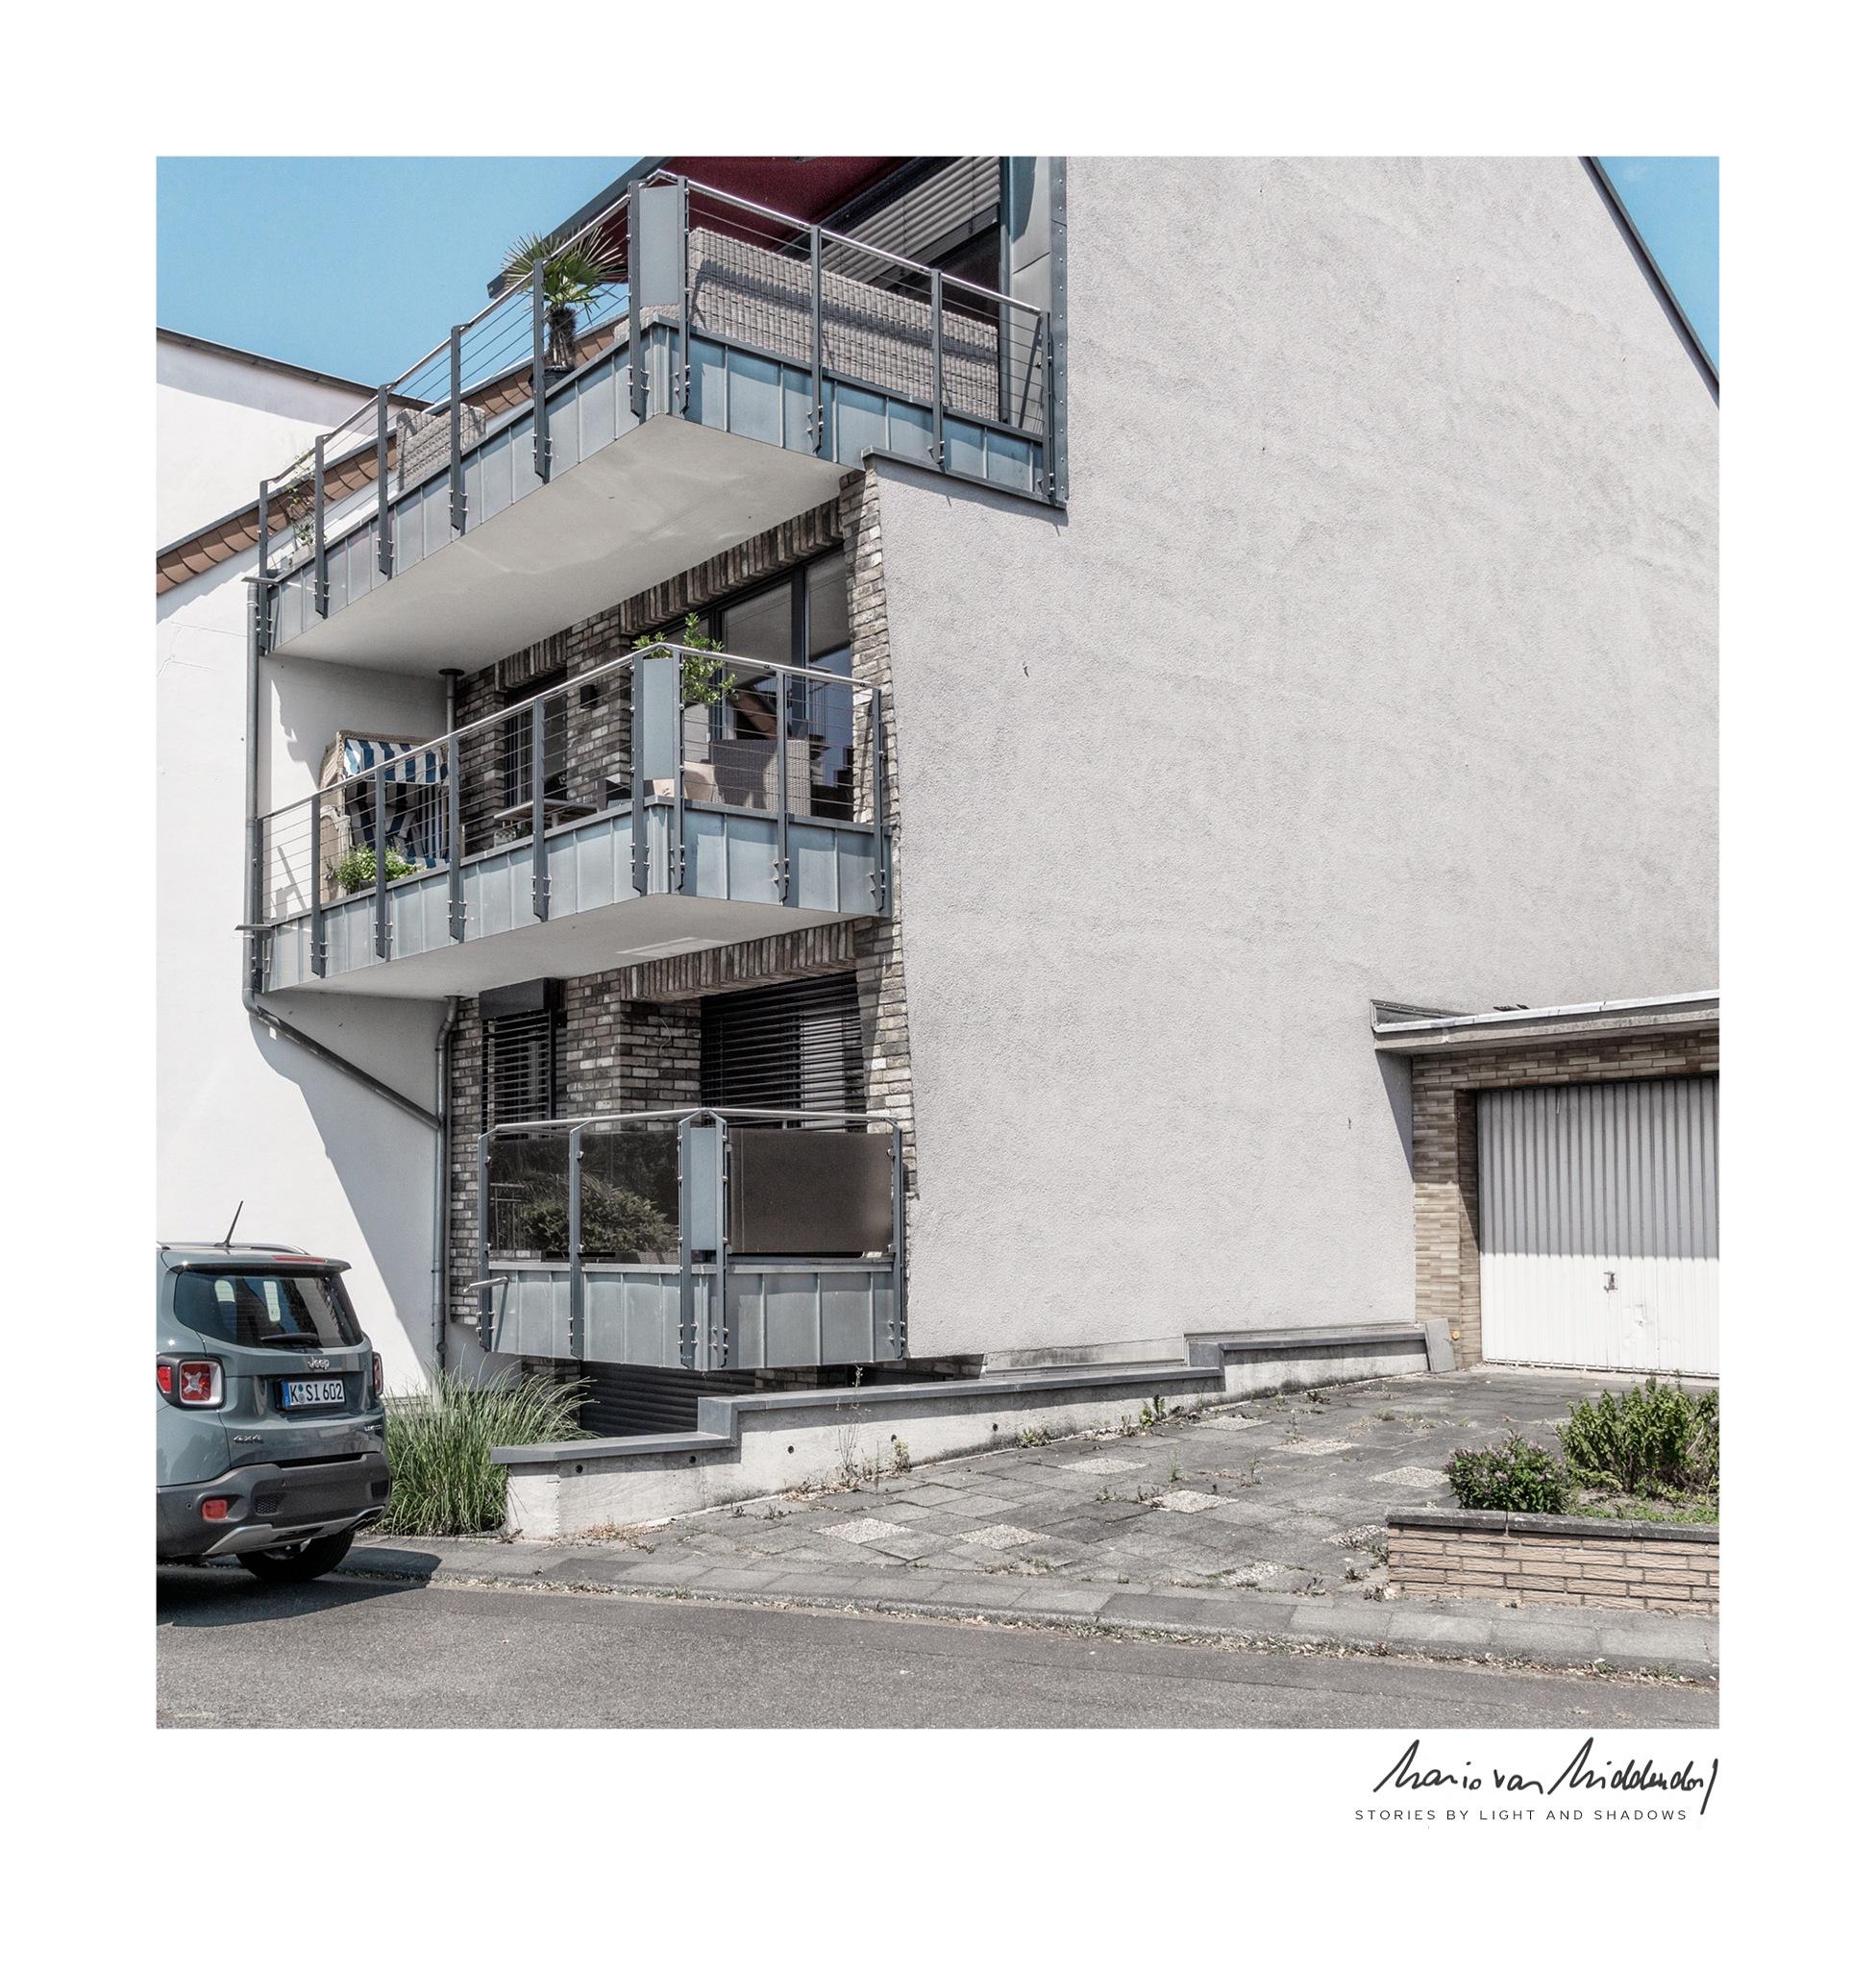 suburban [03] by Mario van Middendorf